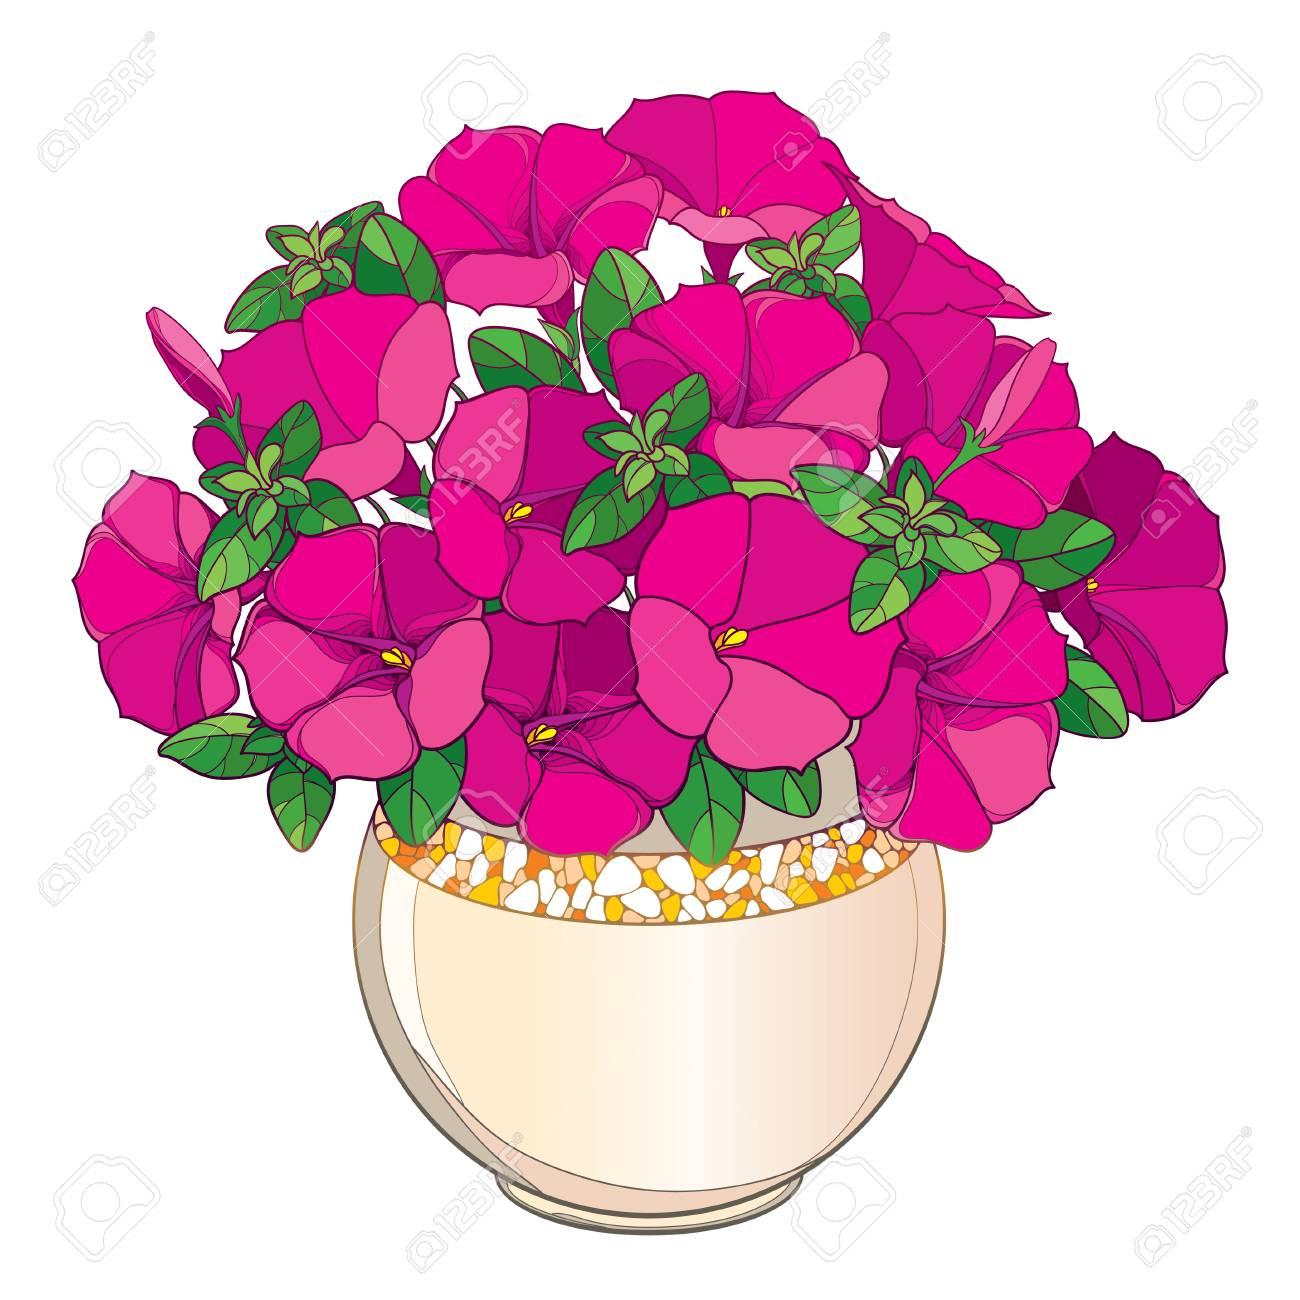 bouquet avec contour rose petunia fleur feuille verte et bourgeon en pot de fleurs rond orne isole sur fond blanc plante ornementale de jardin